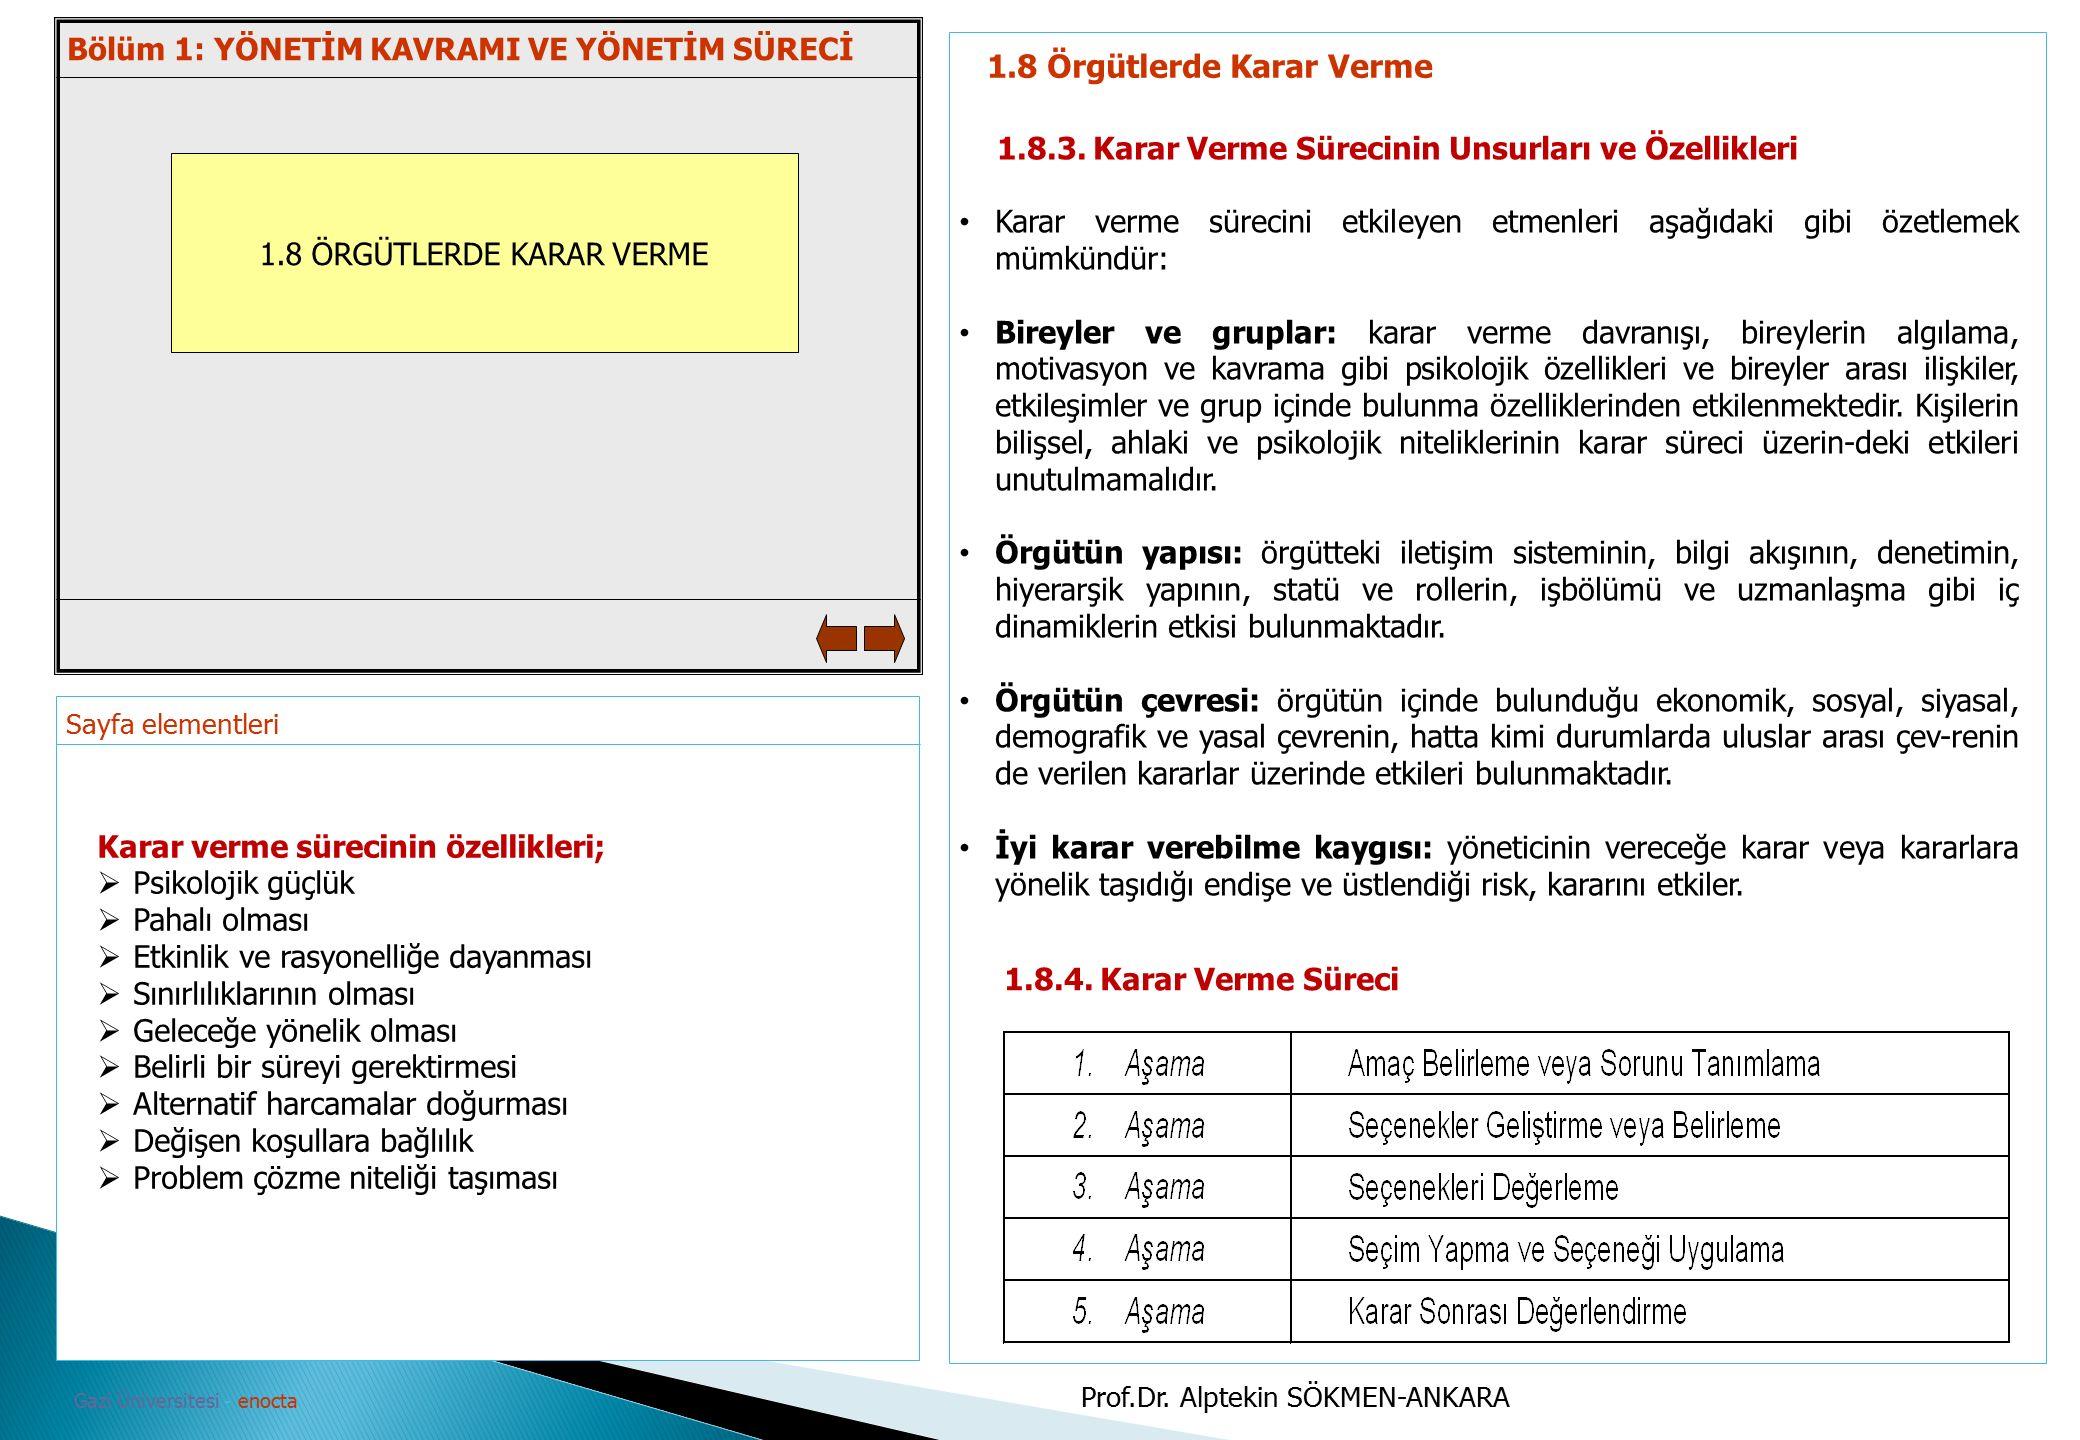 Sayfa elementleri Gazi Üniversitesi - enocta 1.8 ÖRGÜTLERDE KARAR VERME 1.8 Örgütlerde Karar Verme 1.8.3.